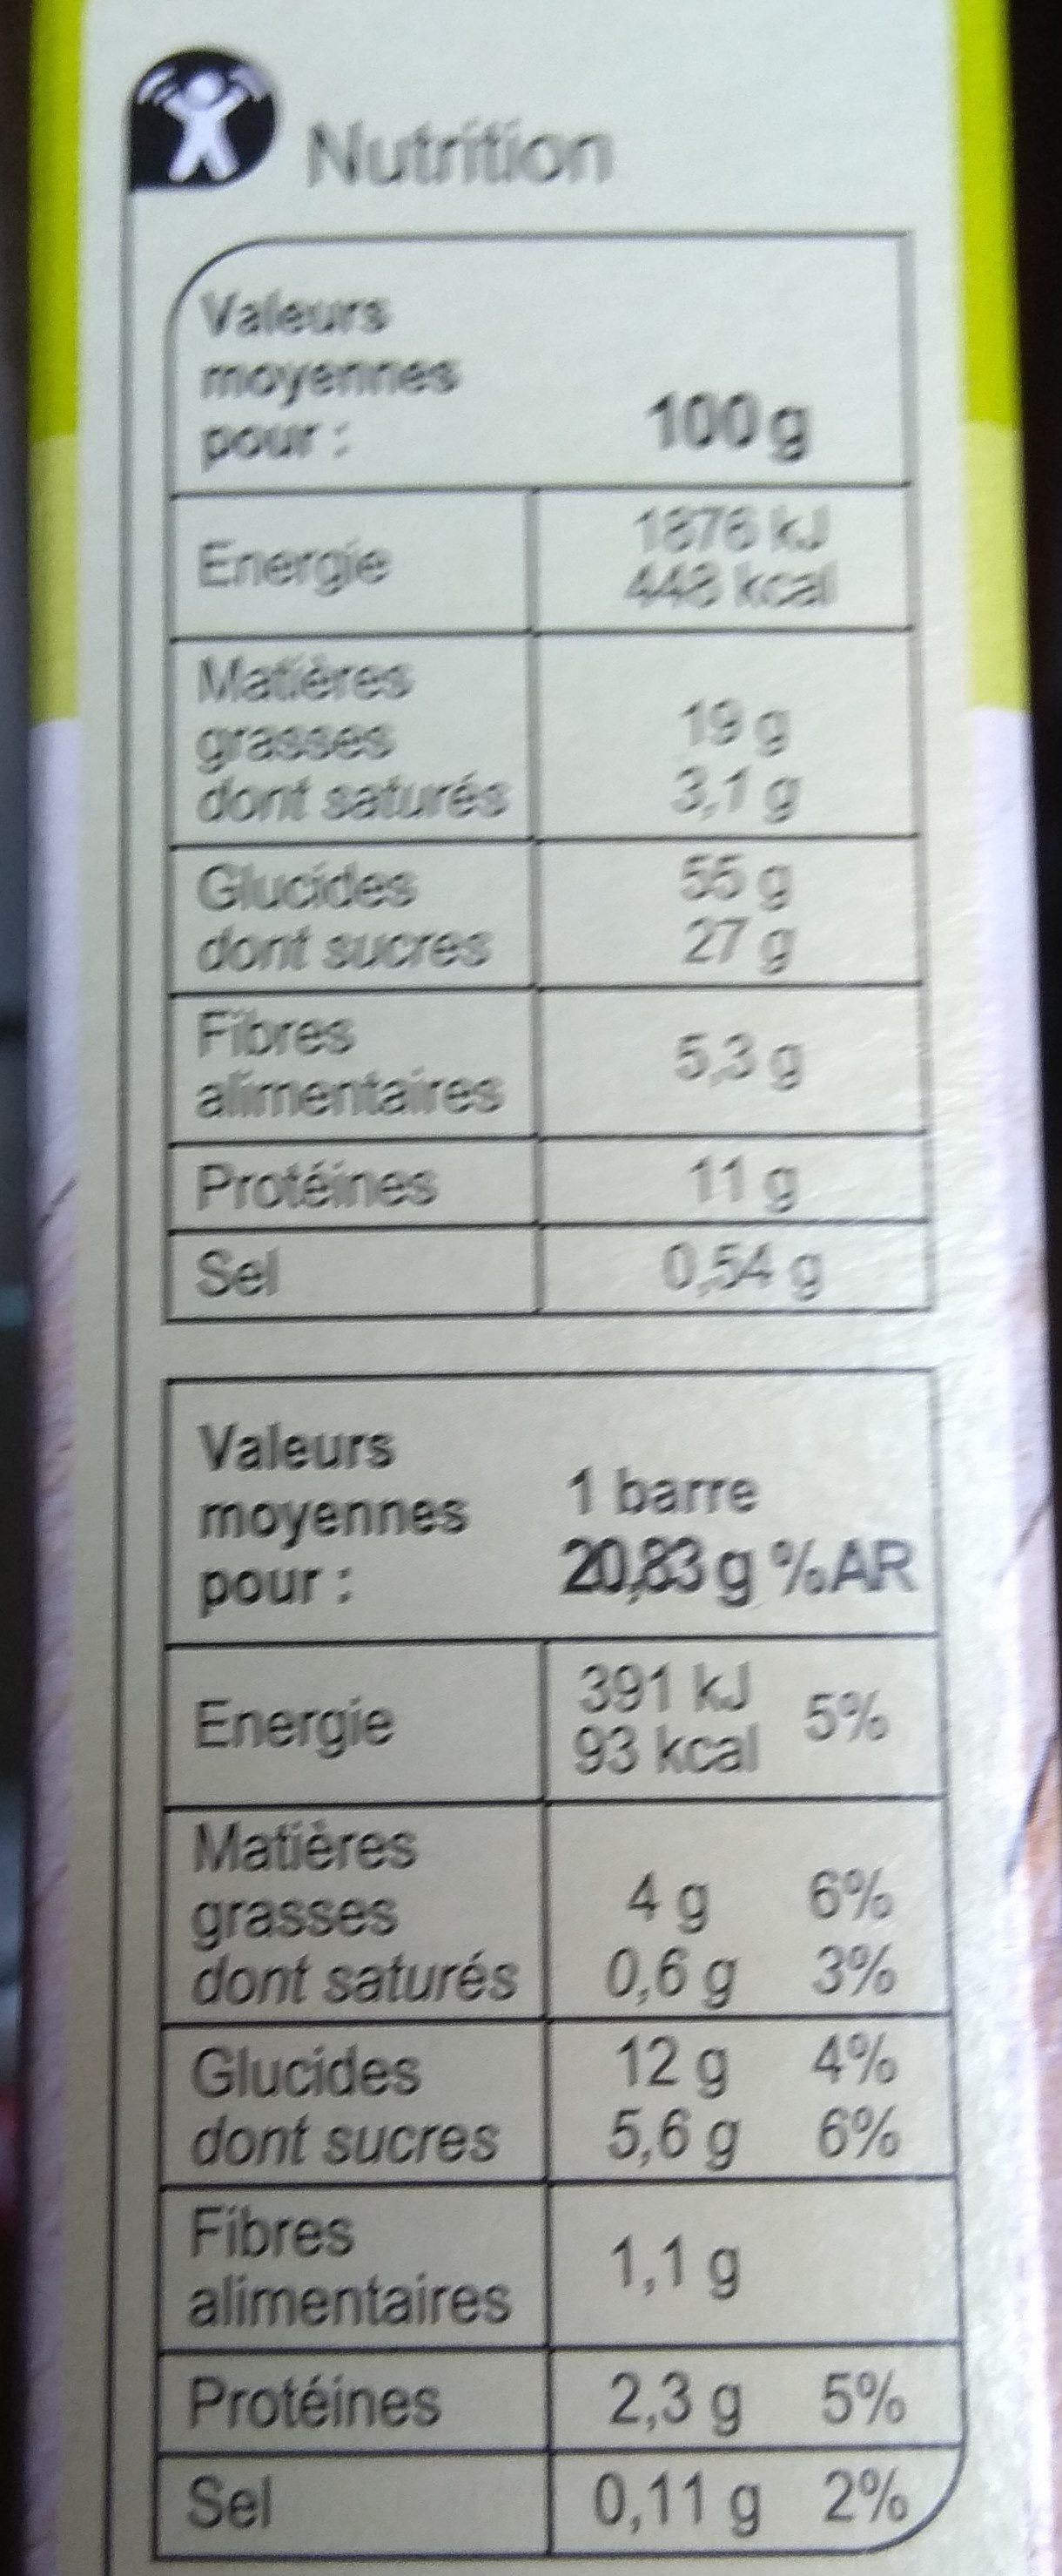 Barres cerealieres 4 cereales - Información nutricional - fr